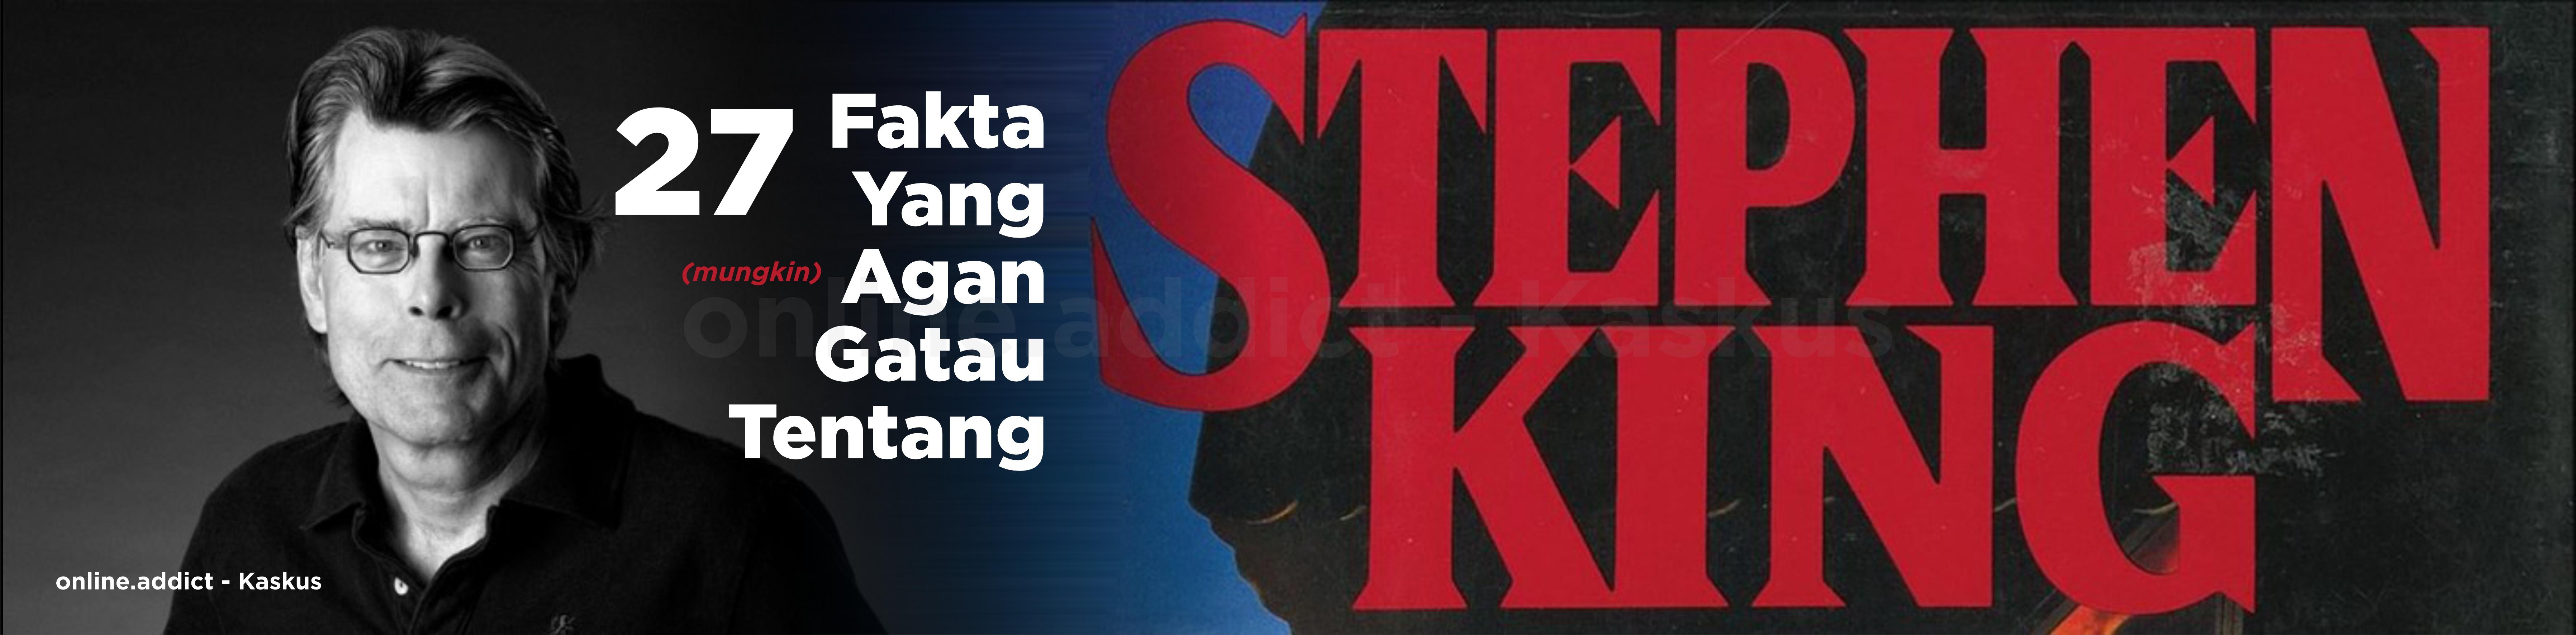 27 Fakta Yang Agan Gatau Tentang Stephen King (Dijamin Lengkap Abis!)